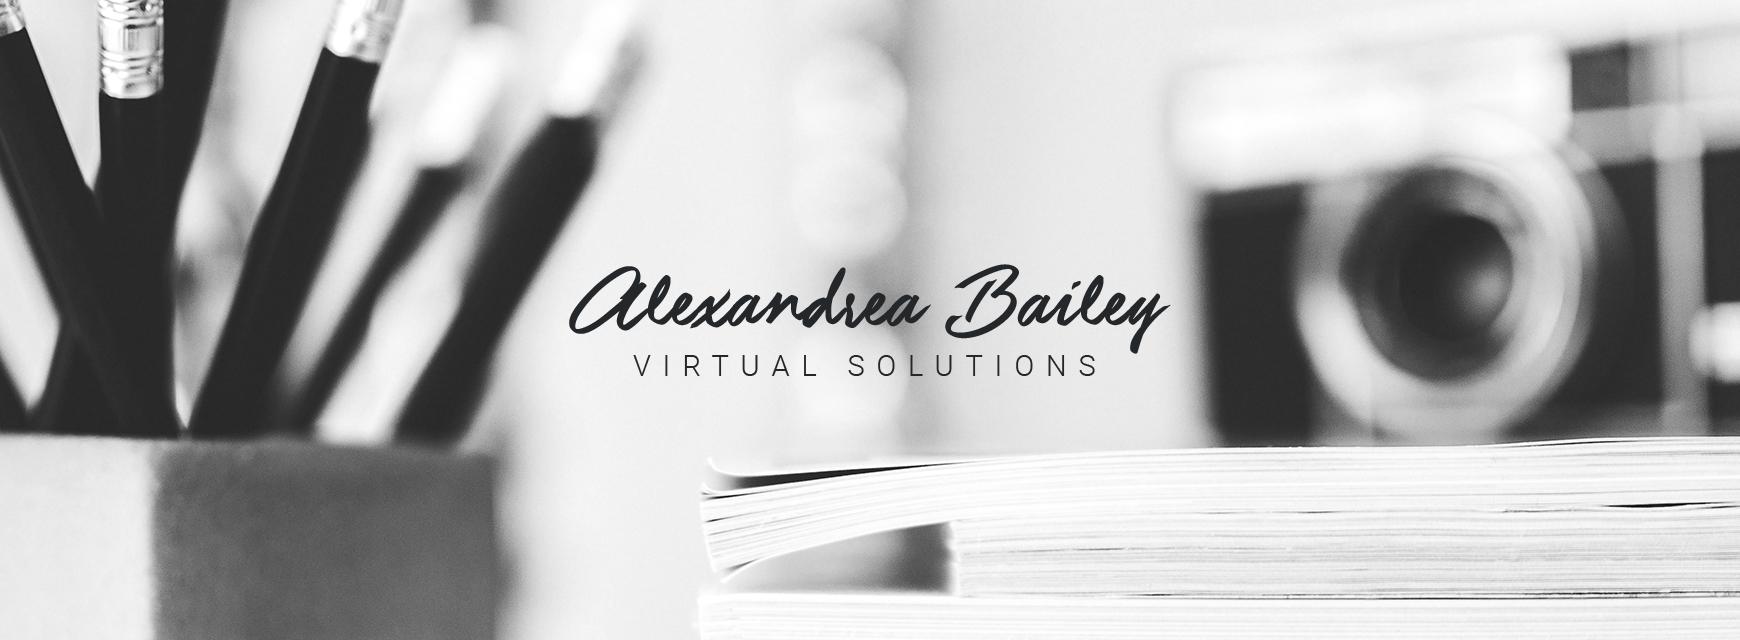 Alexandrea Bailey Case Study